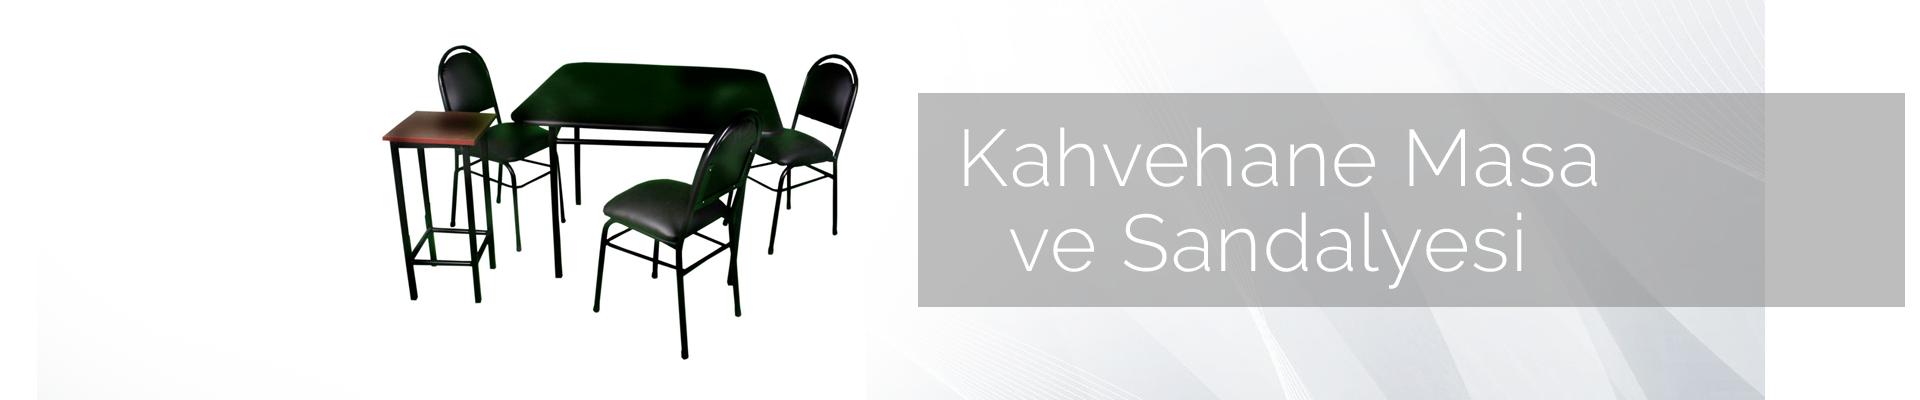 kahvehane-masa-ve-sandalye-1